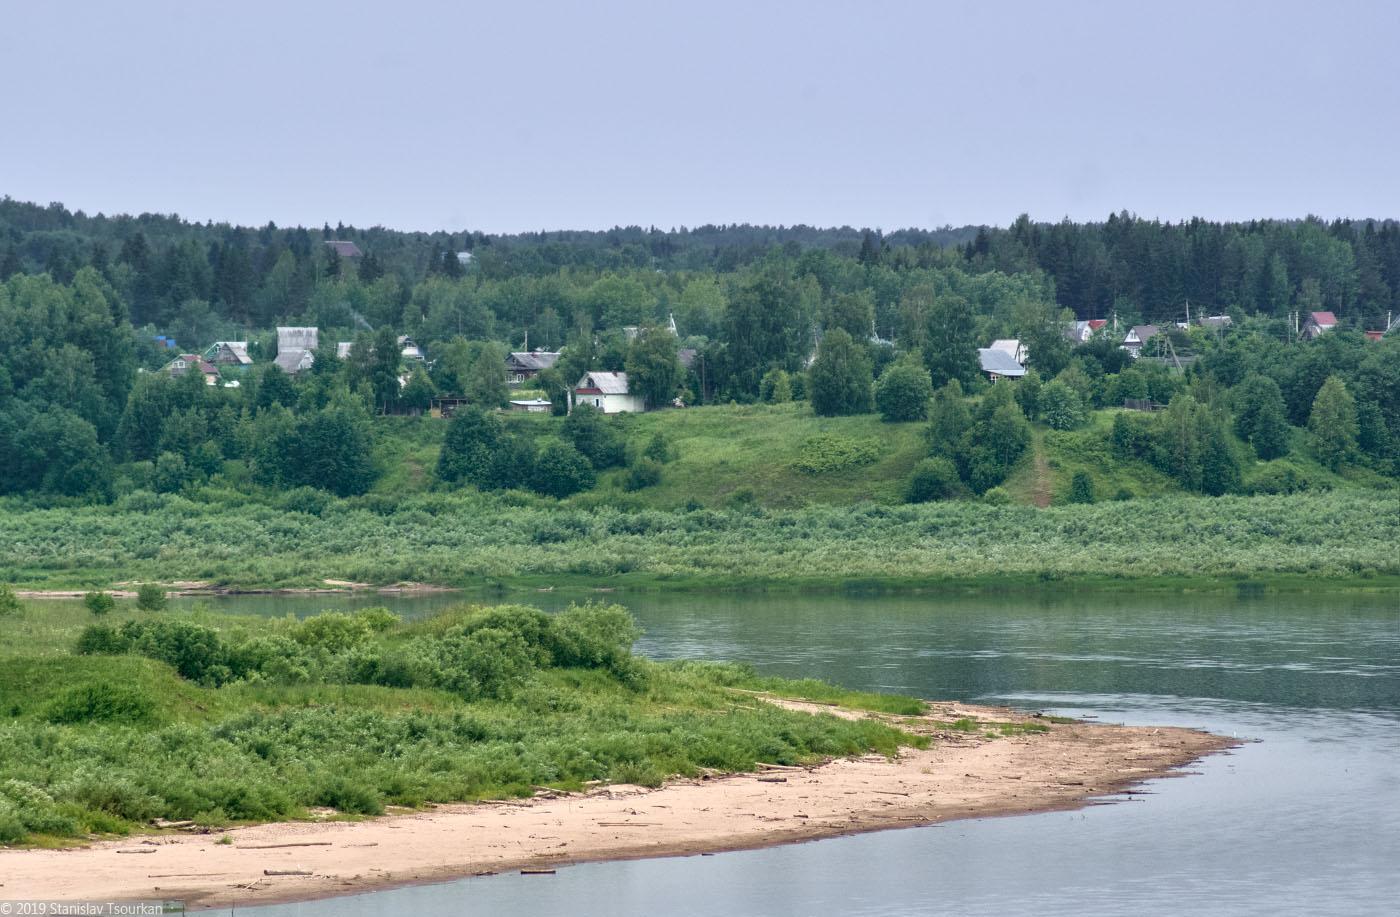 Вологодская область, Вологодчина, Великий устюг, Русский север, Сухона, Воздвиженье